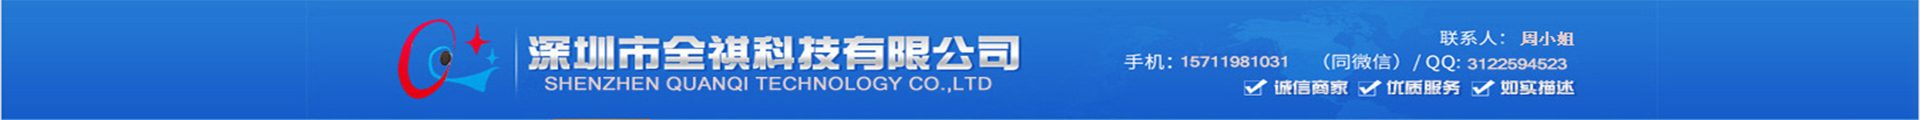 深圳市全祺科技有限公司